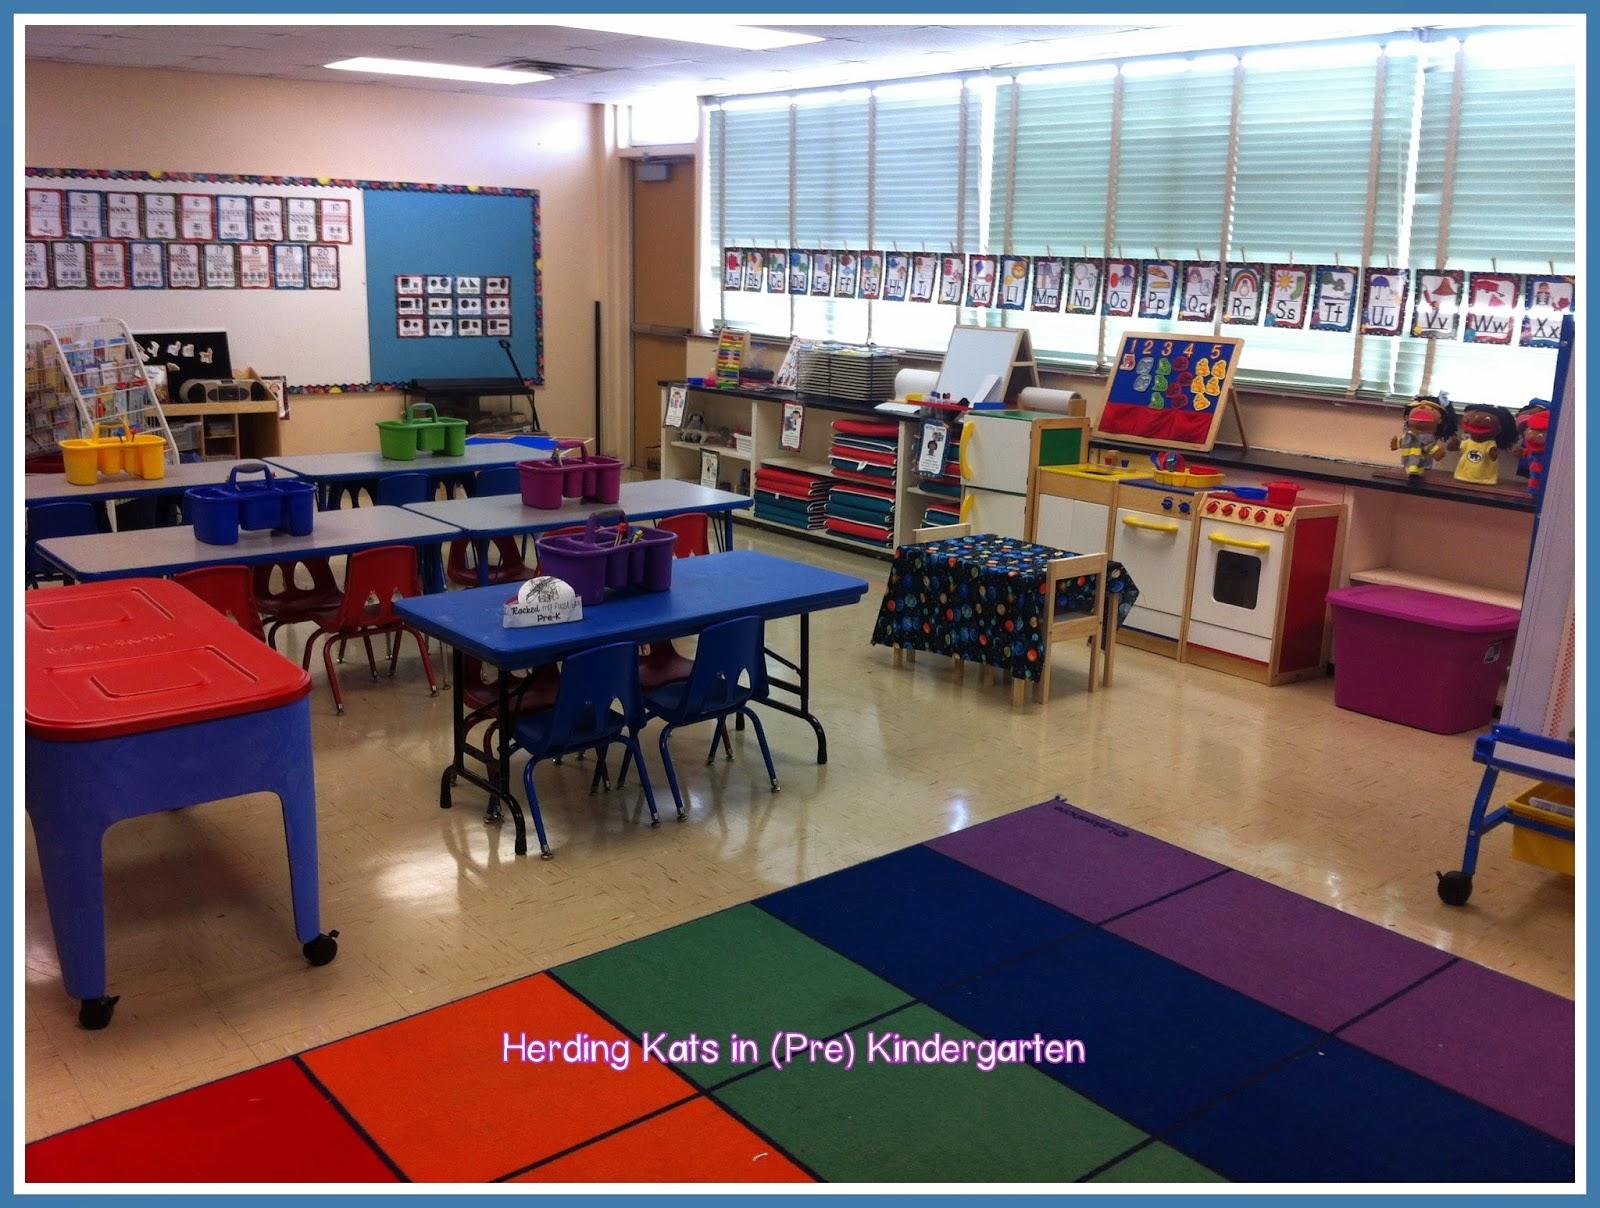 IMG 5175 - Kindergarten Classroom Setup